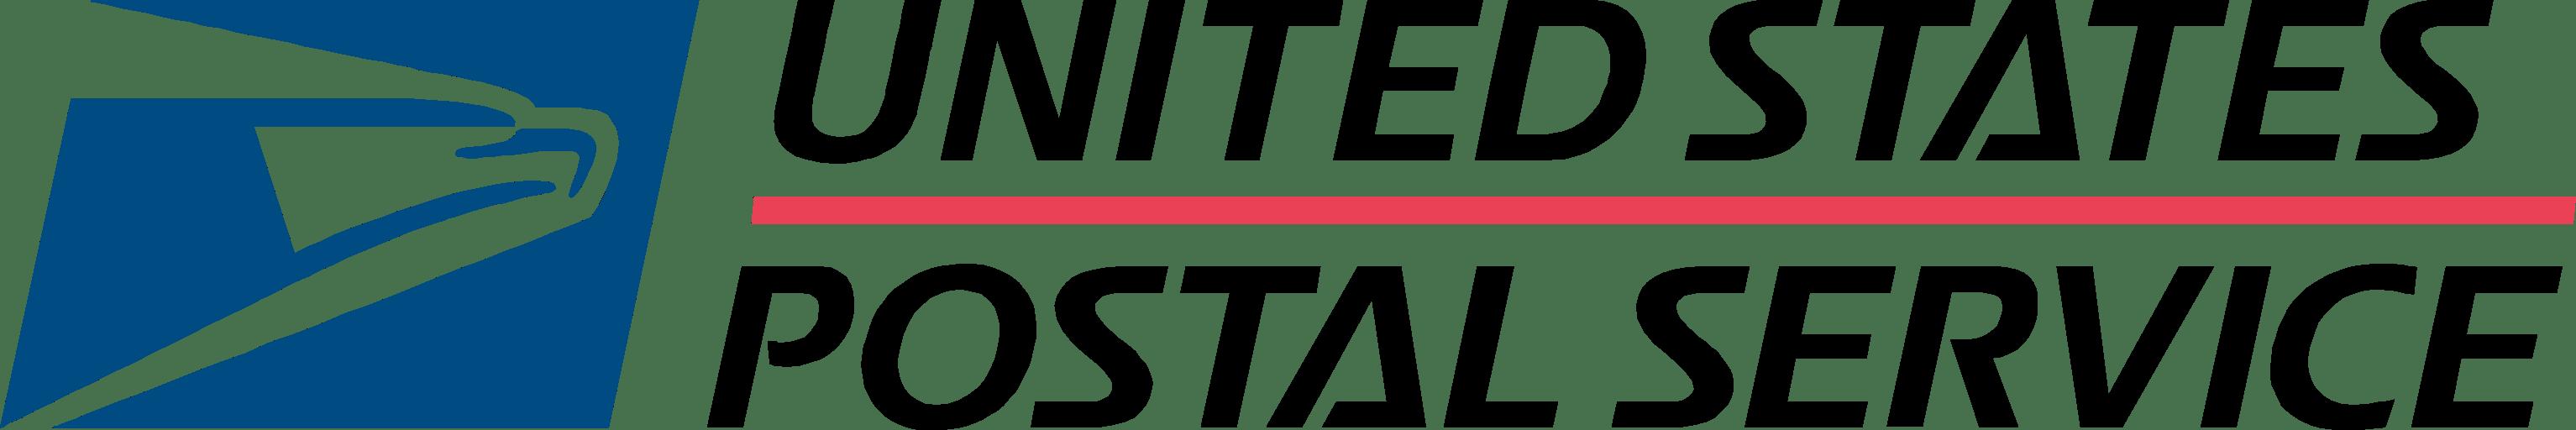 United States Postal Services USPS Logo transparent PNG.